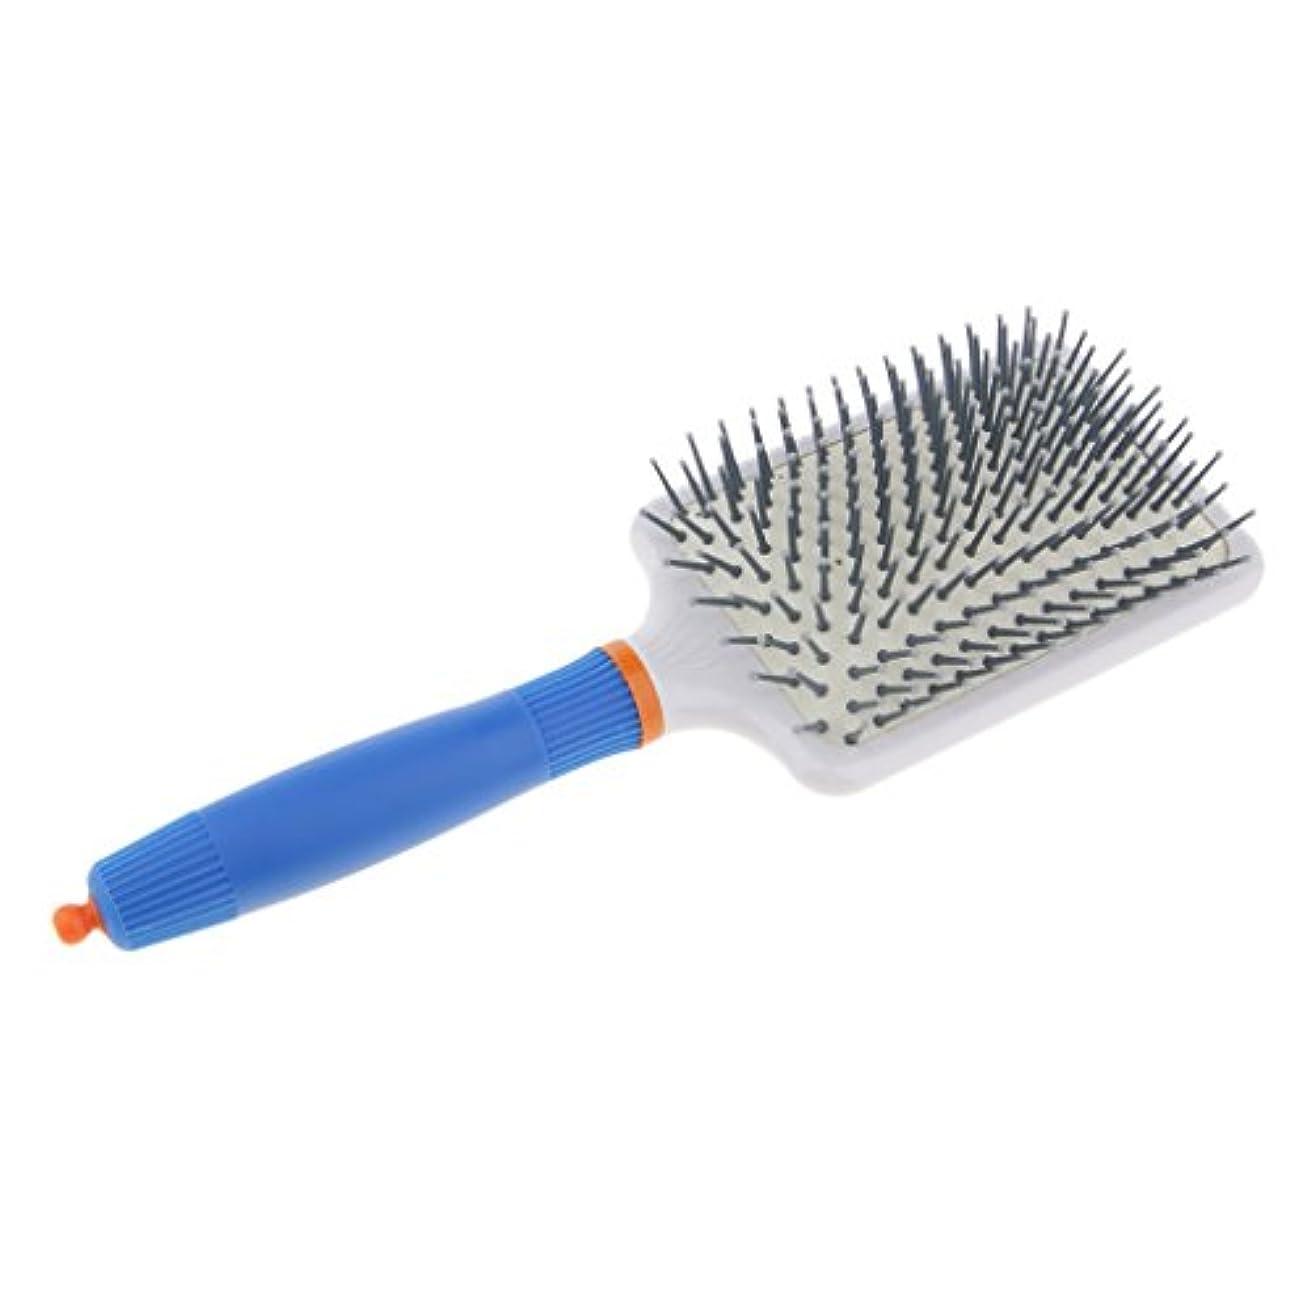 関数すべてトピックヘアブラシ くし エアバッグ 静電気防止 頭皮マッサージ 櫛 ヘアコーム 全2色 - ダークブルー